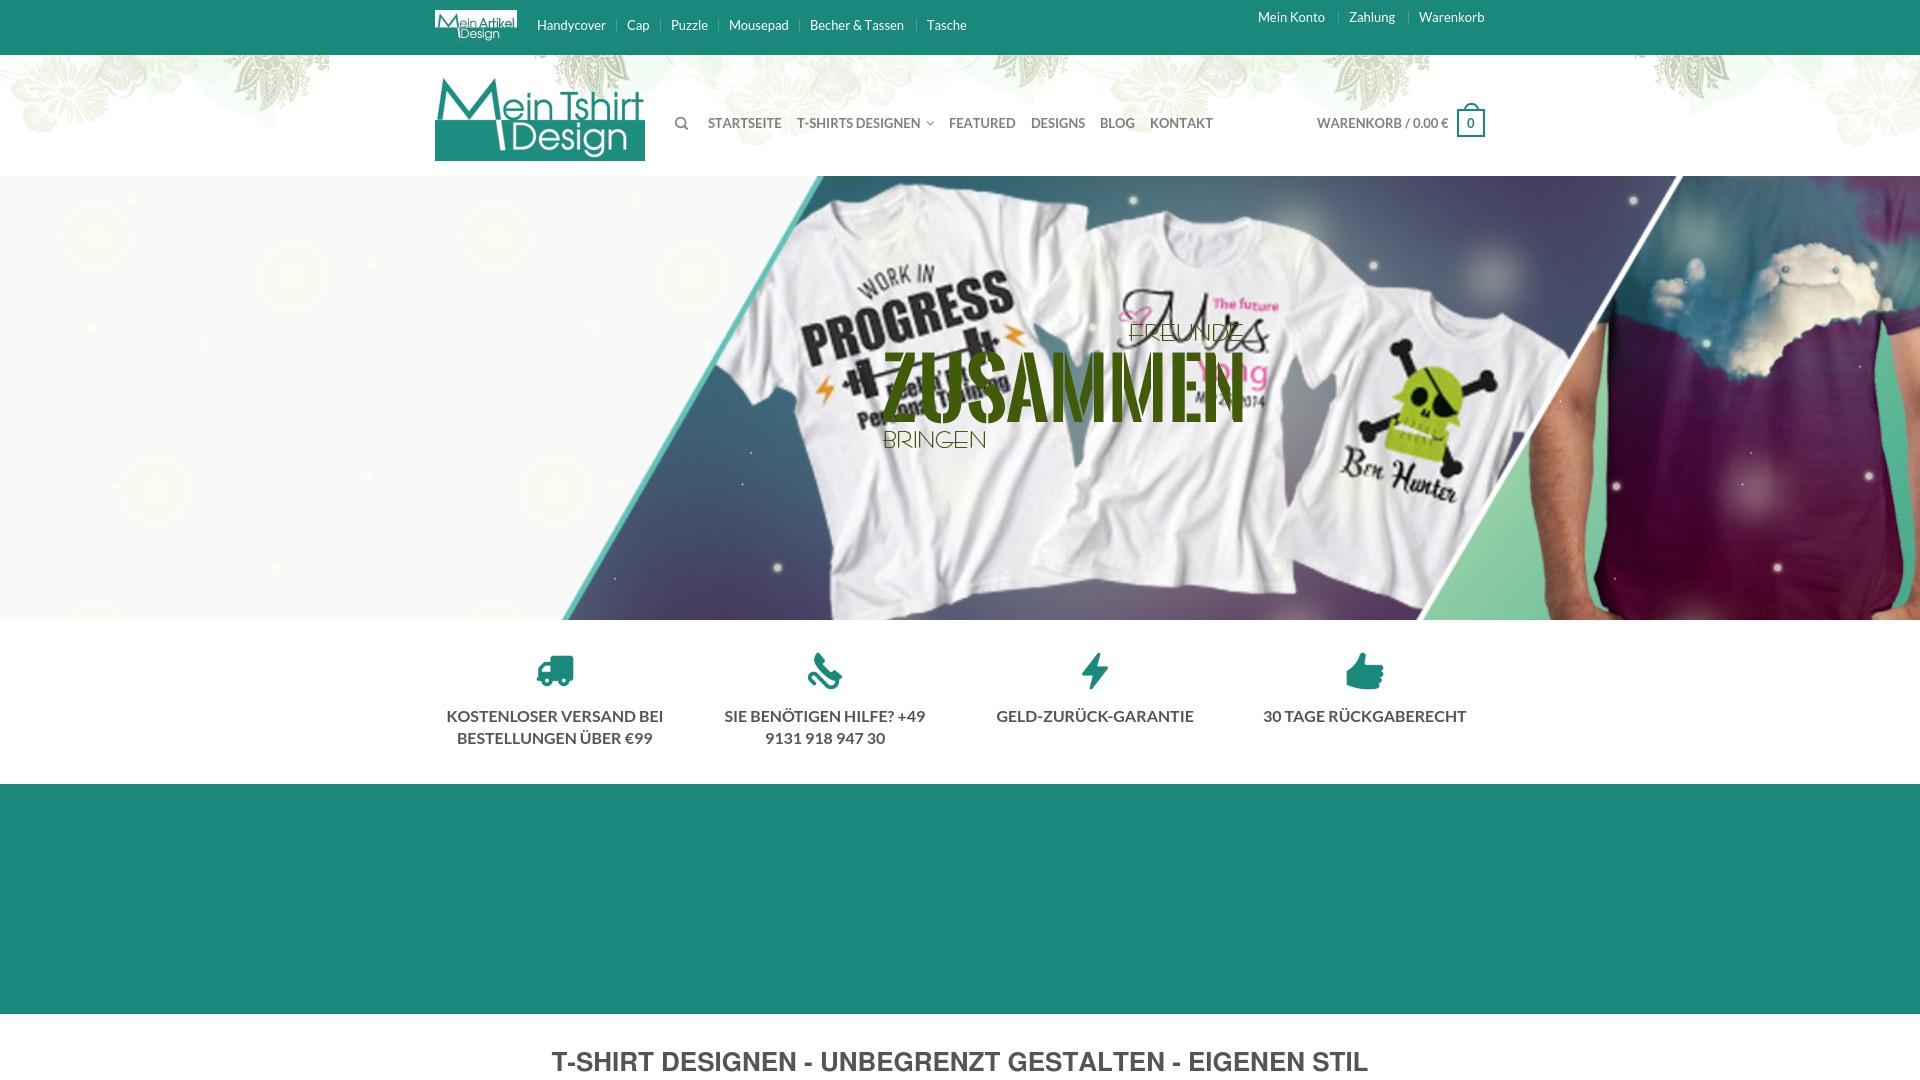 Gutschein für Mein-tshirt-design: Rabatte für  Mein-tshirt-design sichern